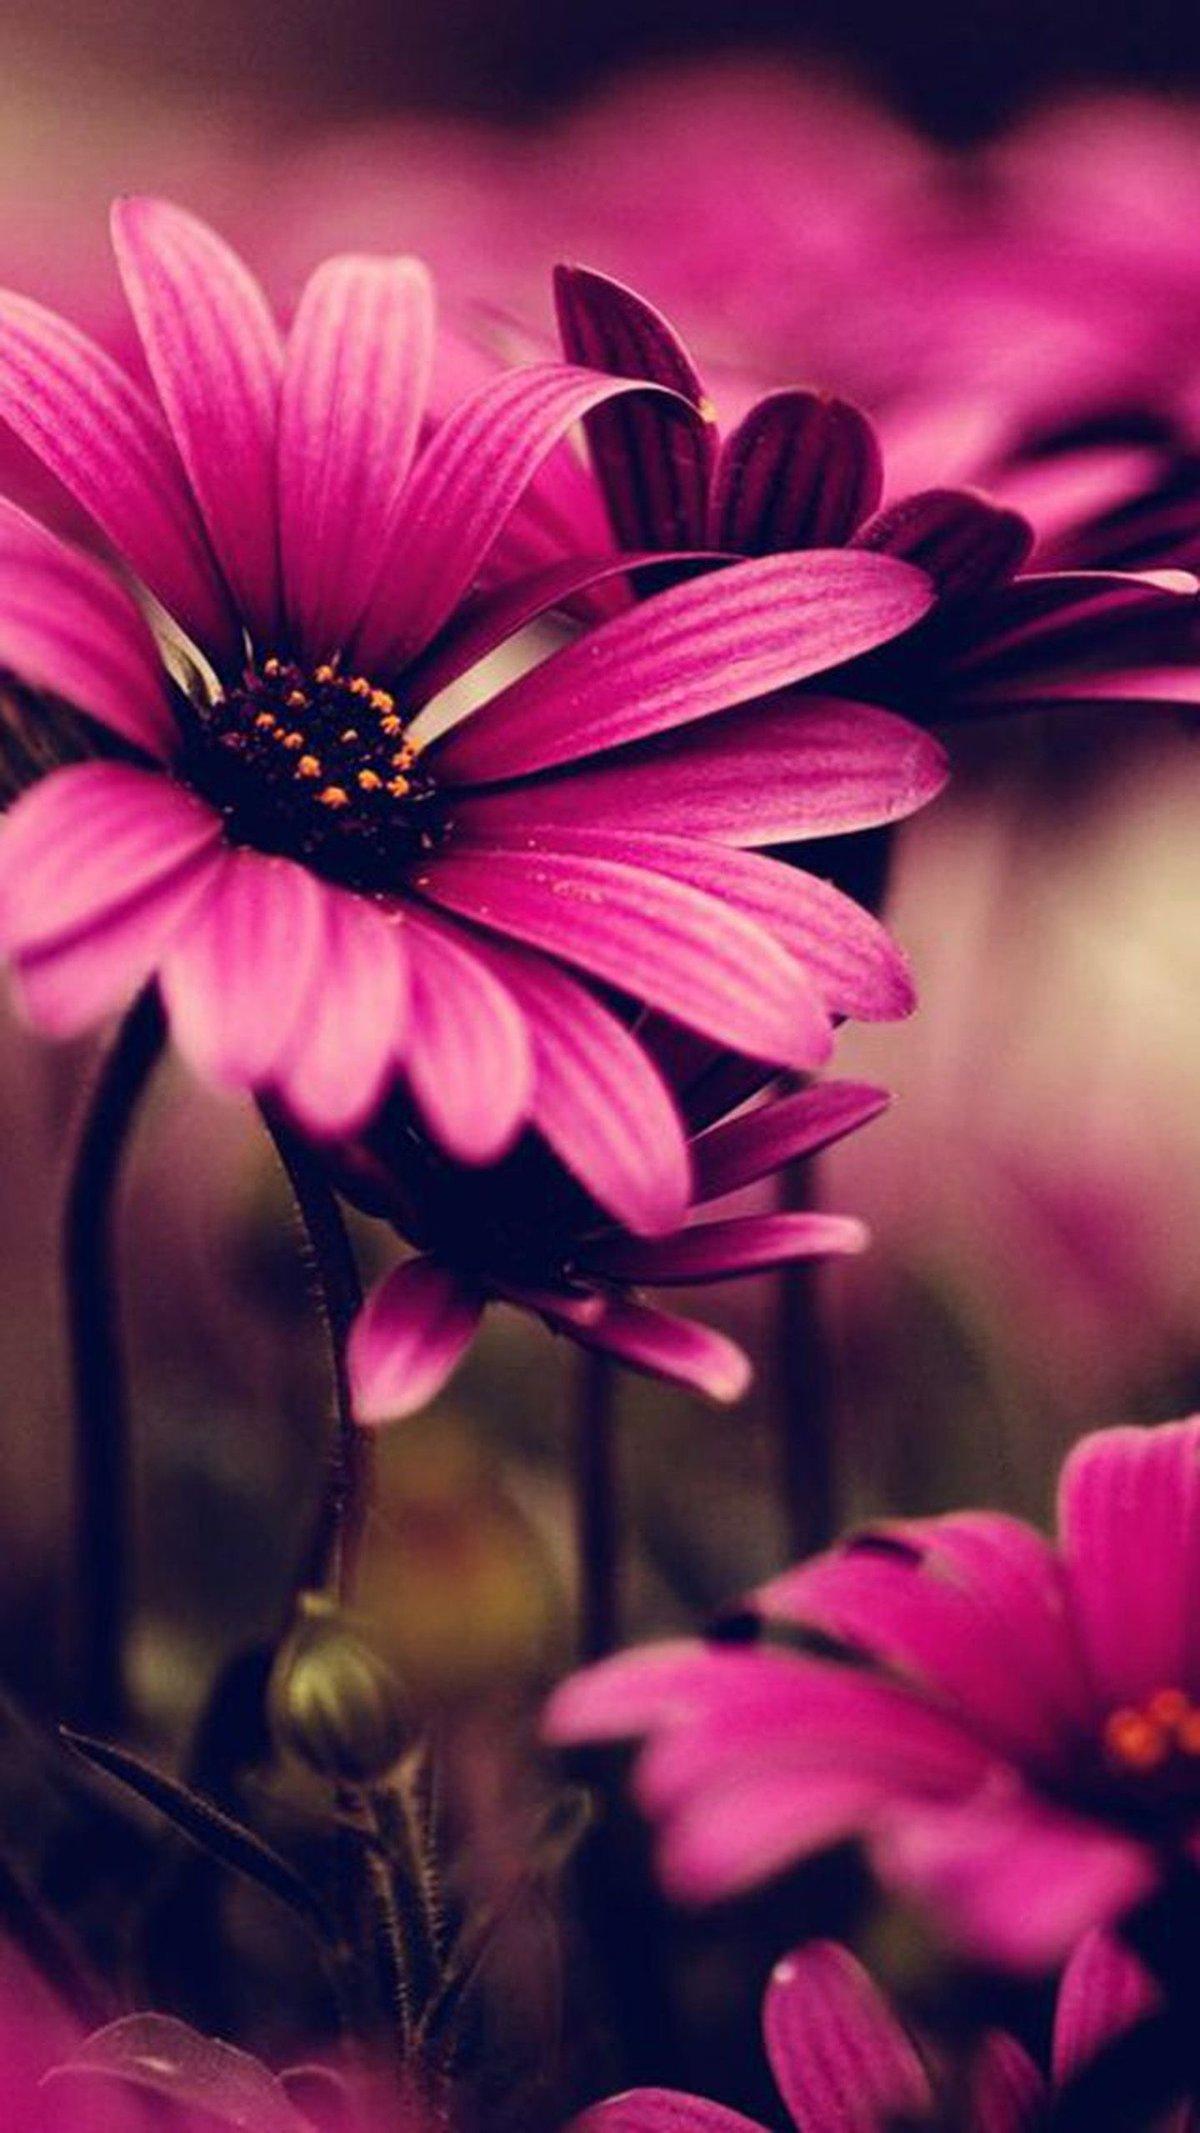 поставлен картинки для самсунга с цветами этом